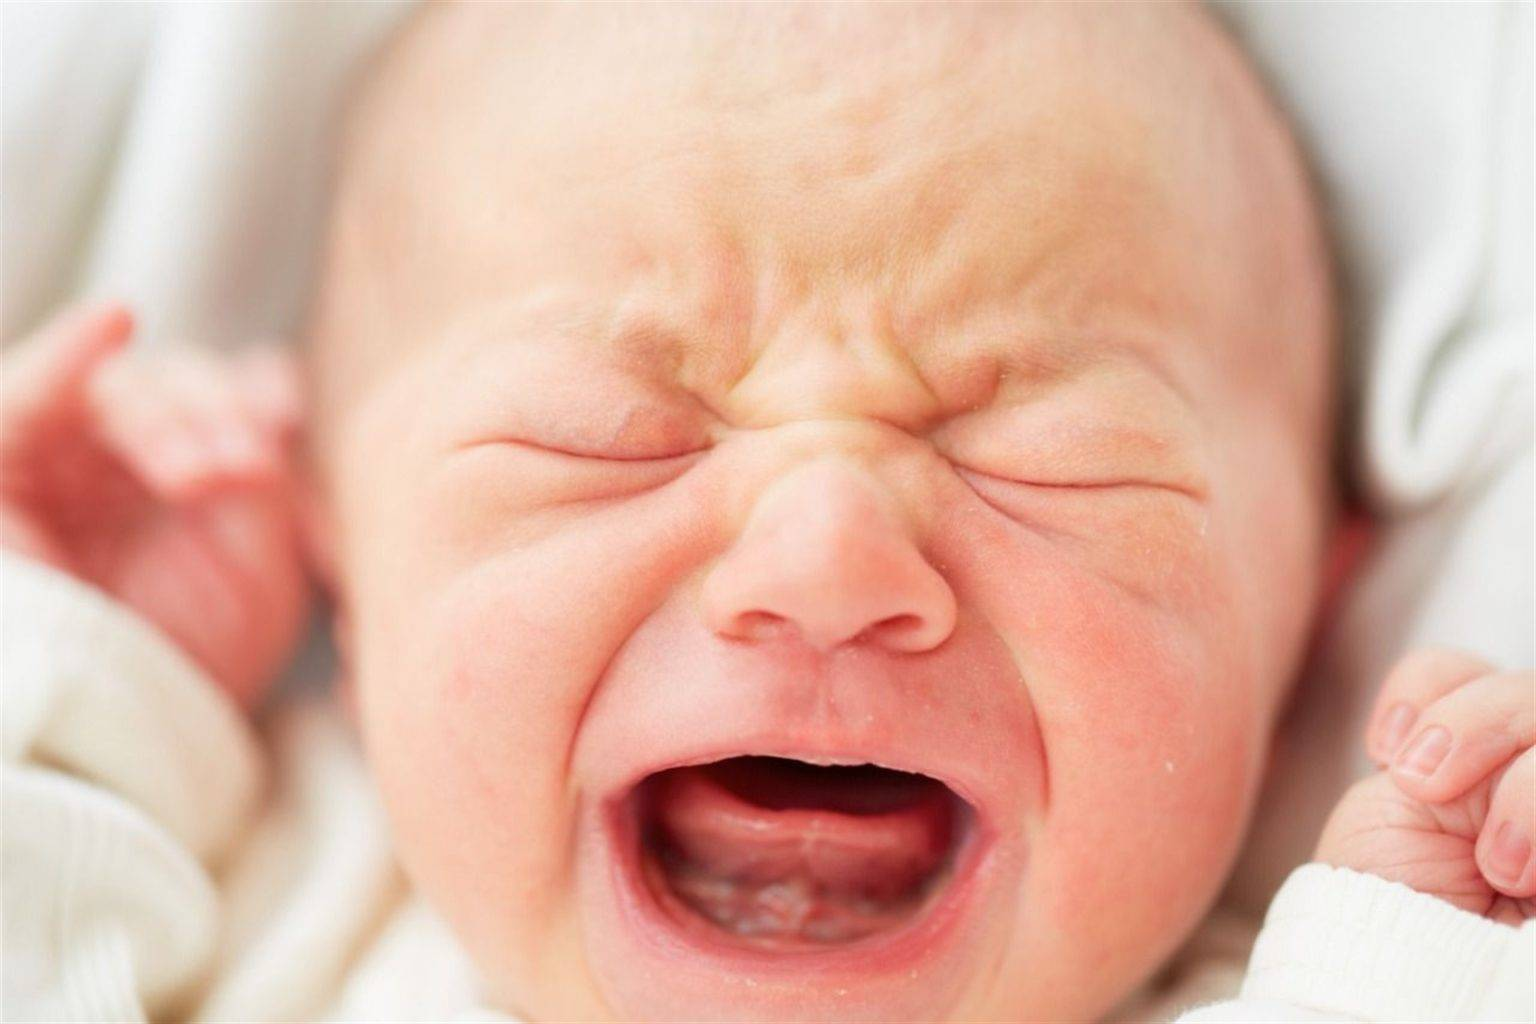 Стафилококк во рту у ребенка и взрослых: причины, симптомы и лечение у детей